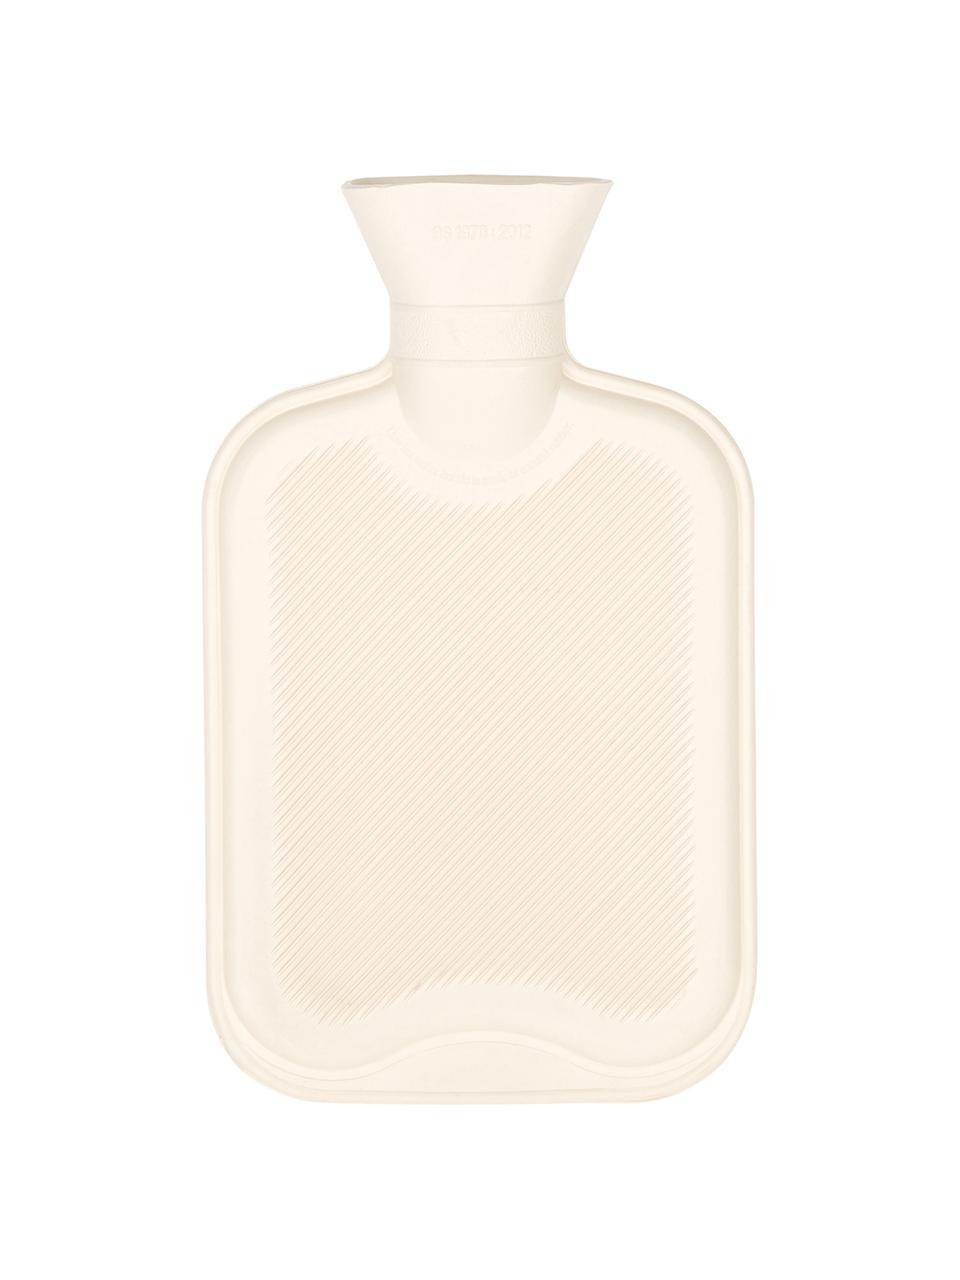 Kaschmir-Wärmflasche Florentina, Bezug: 70% Kaschmir, 30% Merinow, Bezug: RosaZierschleife: CremeweißWärmflasche: Cremeweiß, 19 x 30 cm